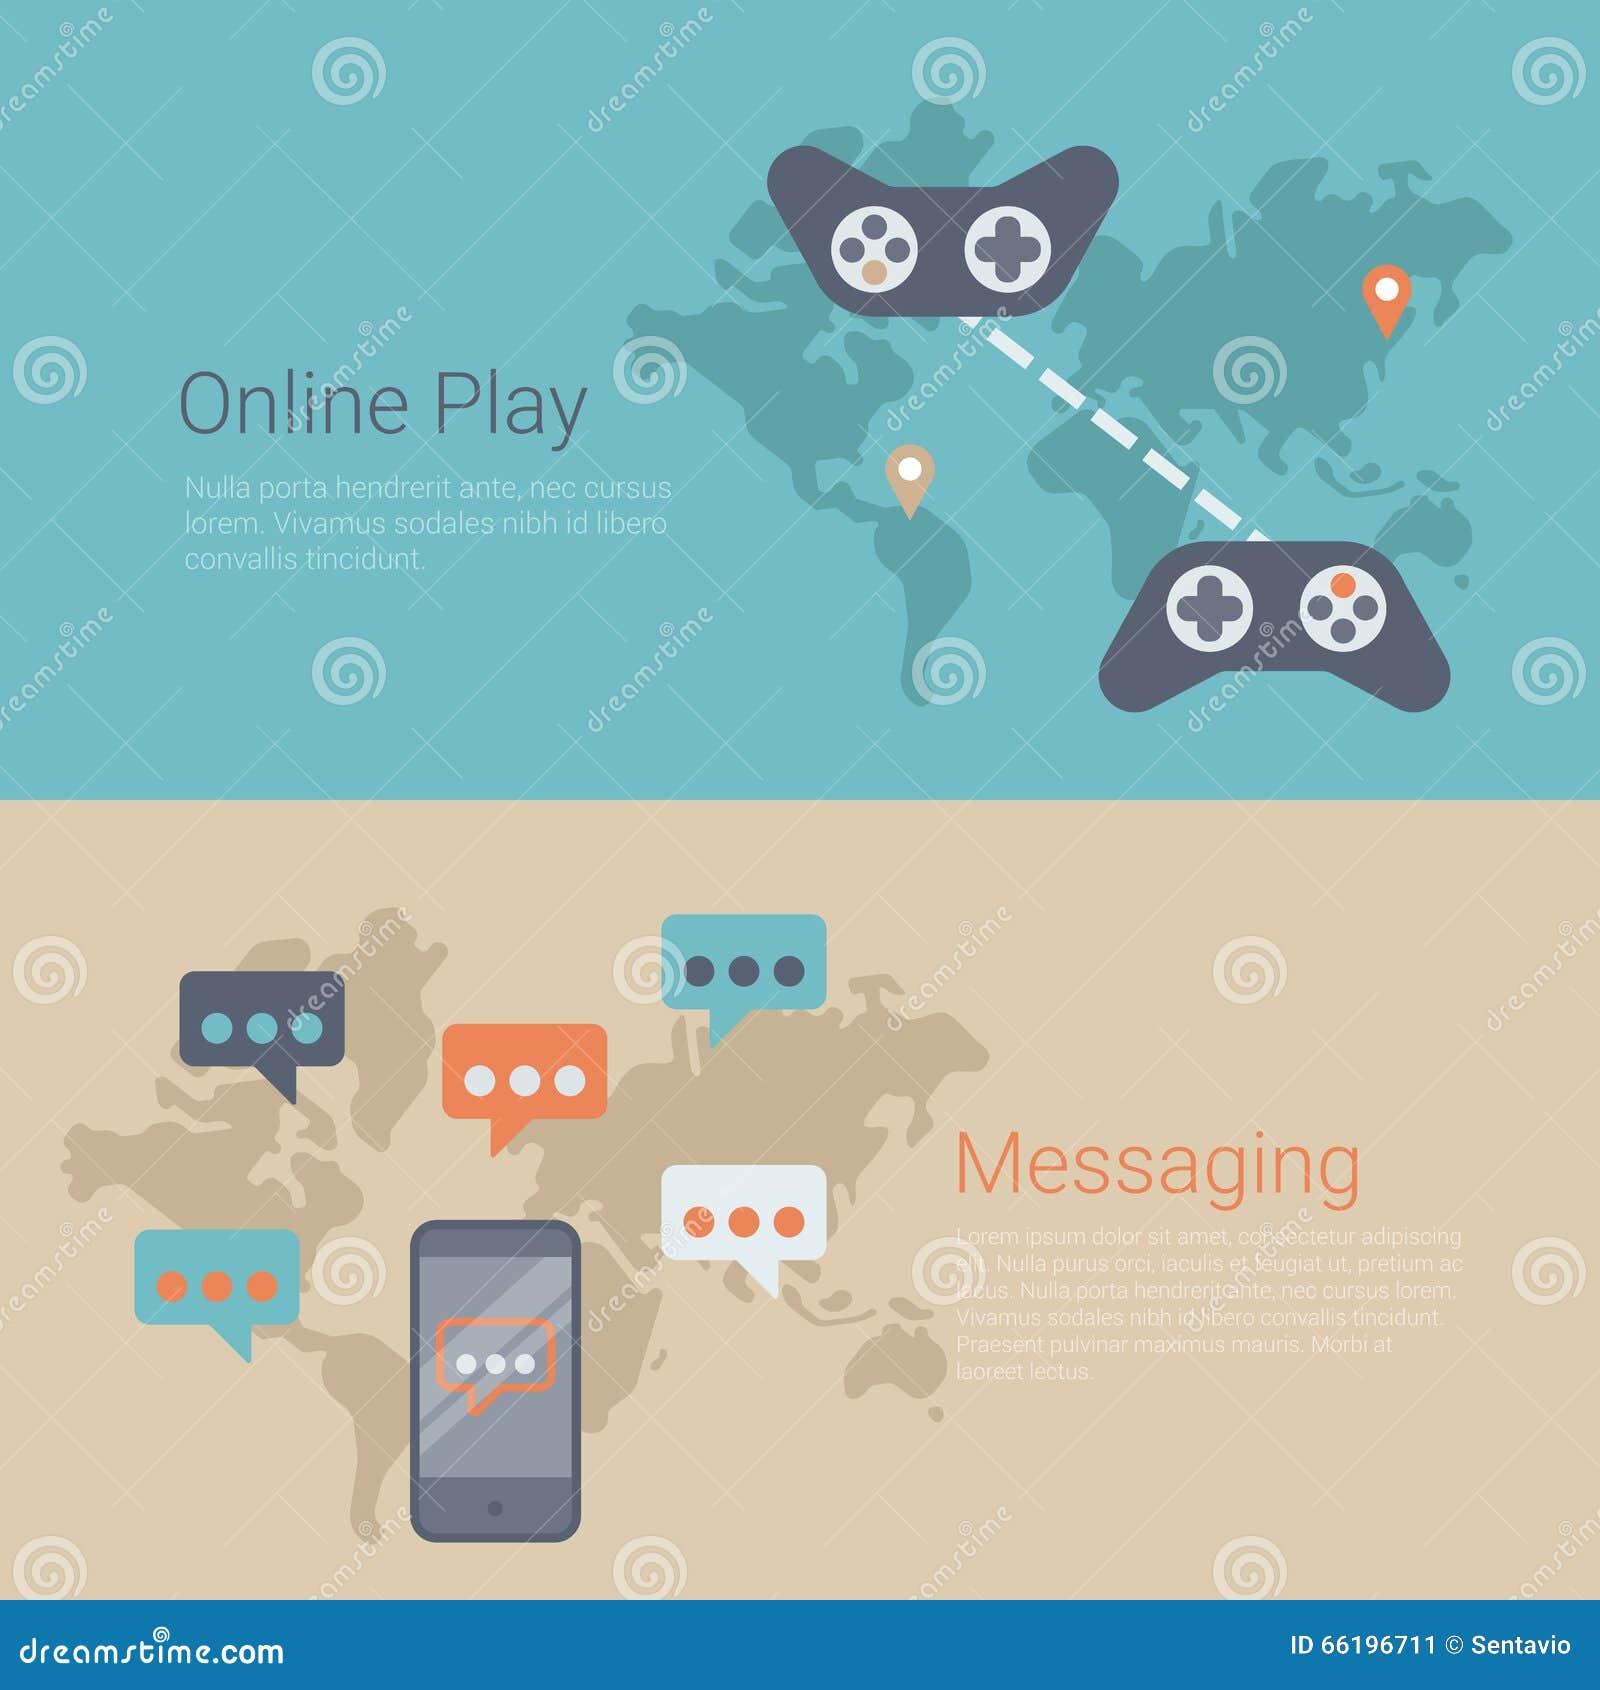 Flat vector website slider banner online gaming play world map stock flat vector website slider banner online gaming play world map gumiabroncs Images